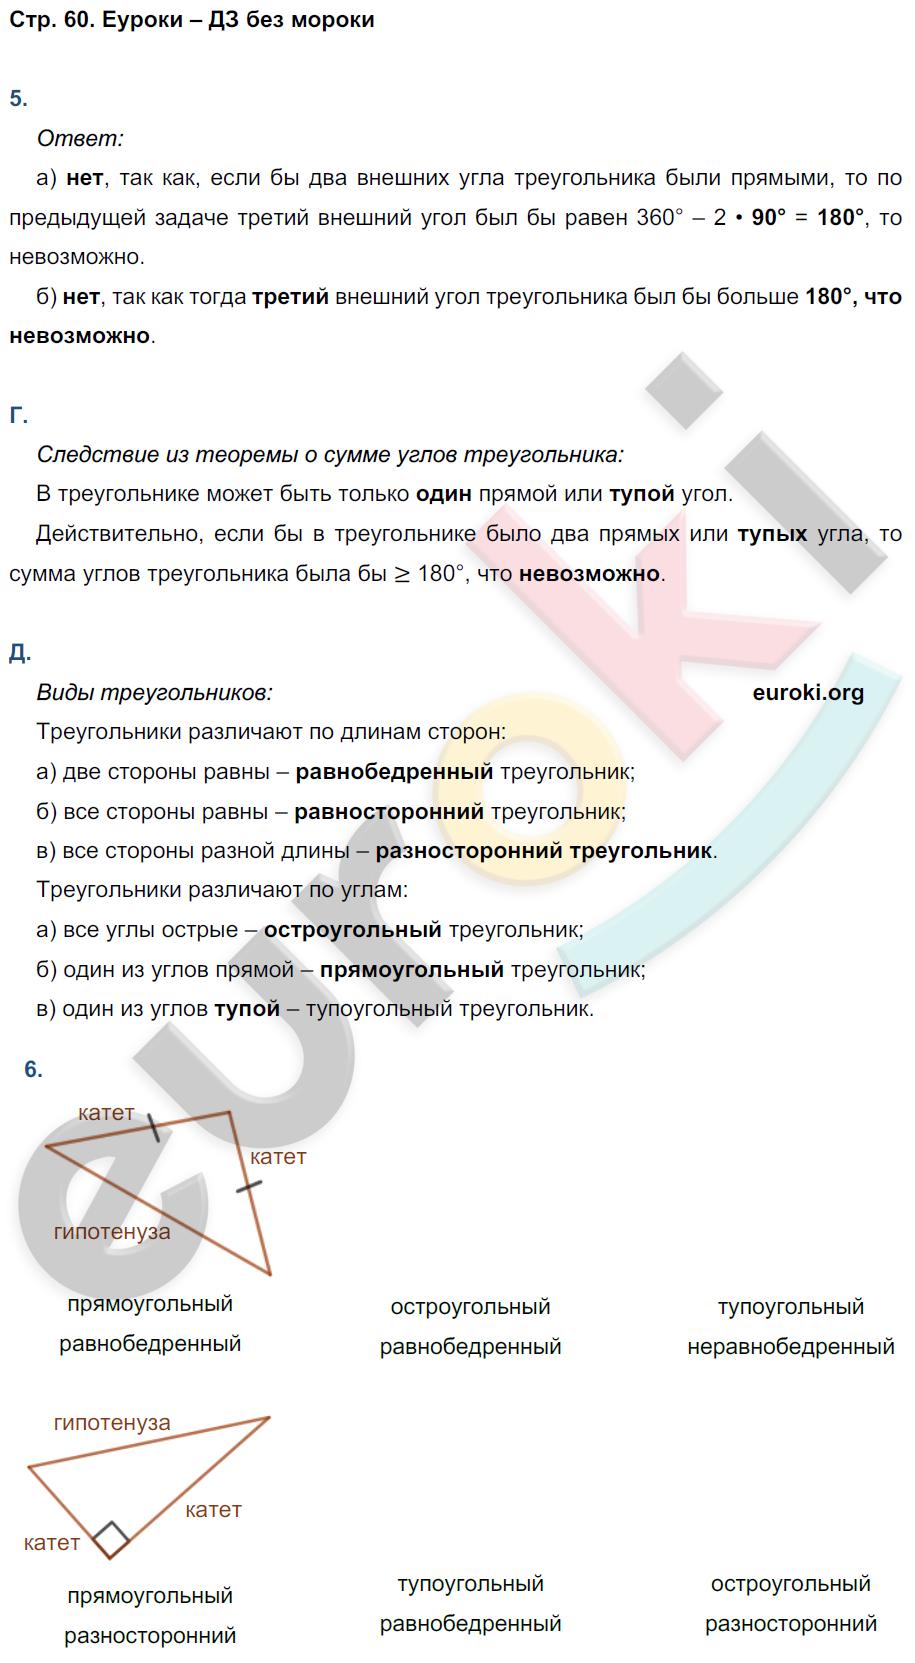 ГДЗ по геометрии 7 класс рабочая тетрадь Глазков, Камаев. К учебнику Атанасяна. Задание: стр. 60